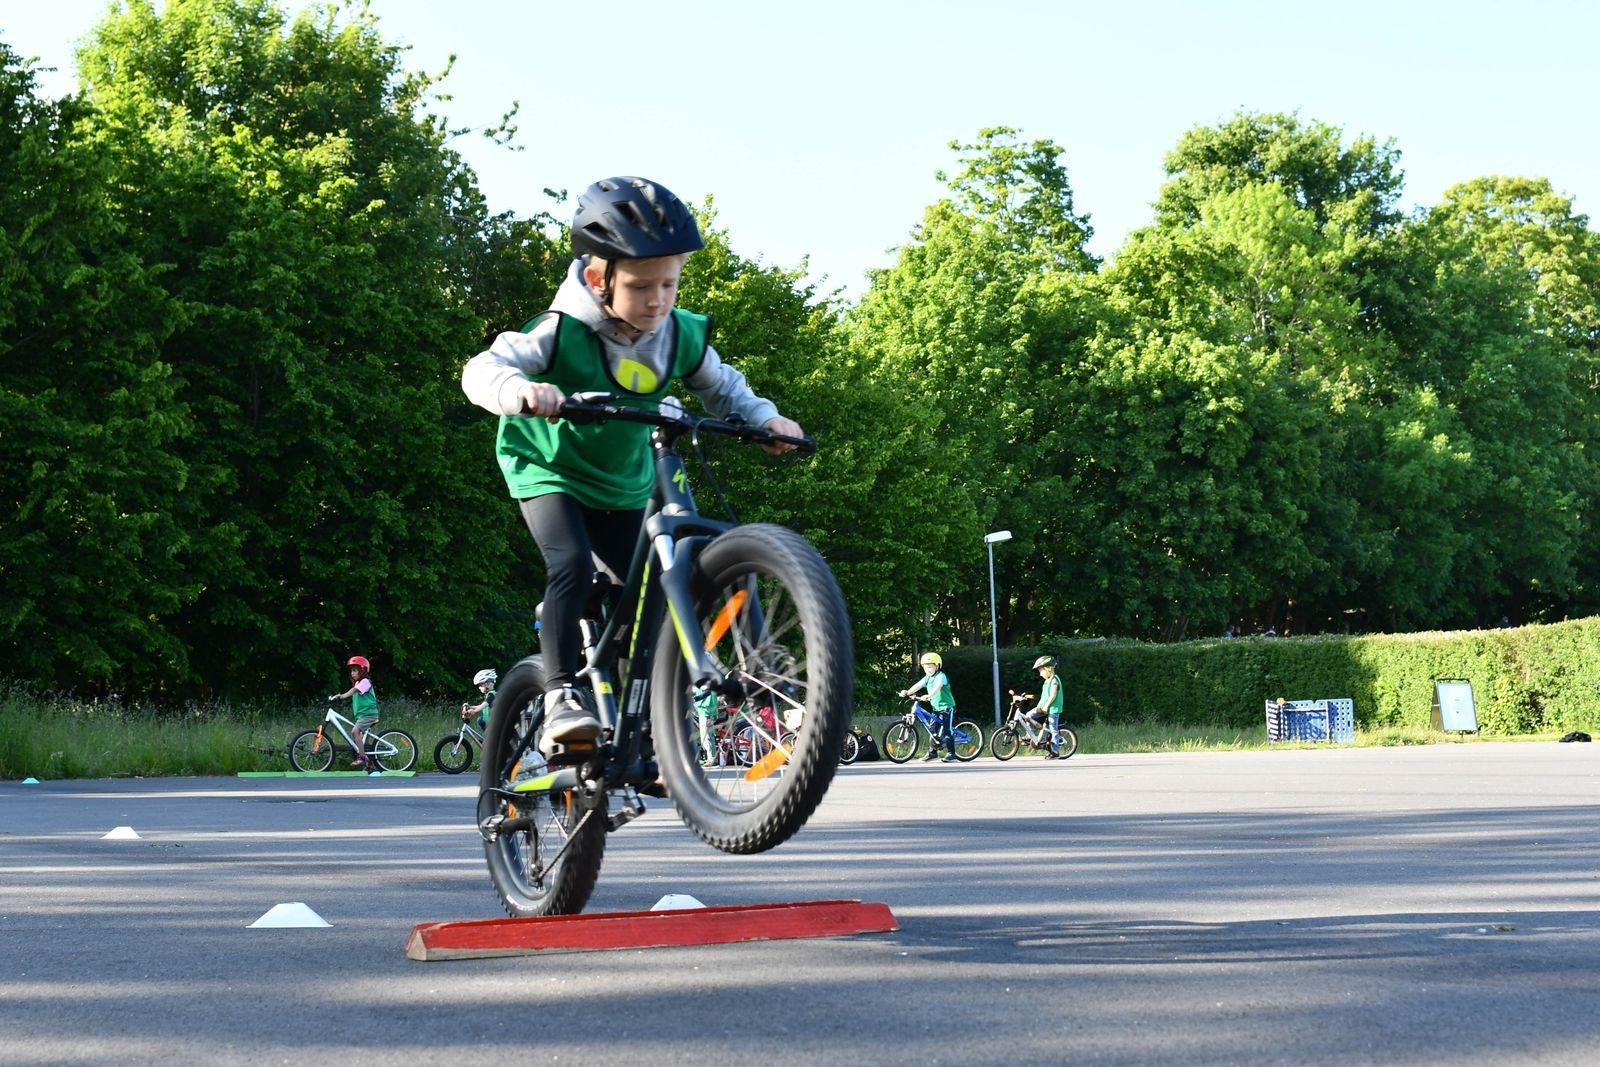 Theodor Eklinder från Tomelilla tycker det är jättekul att cykla MTB.